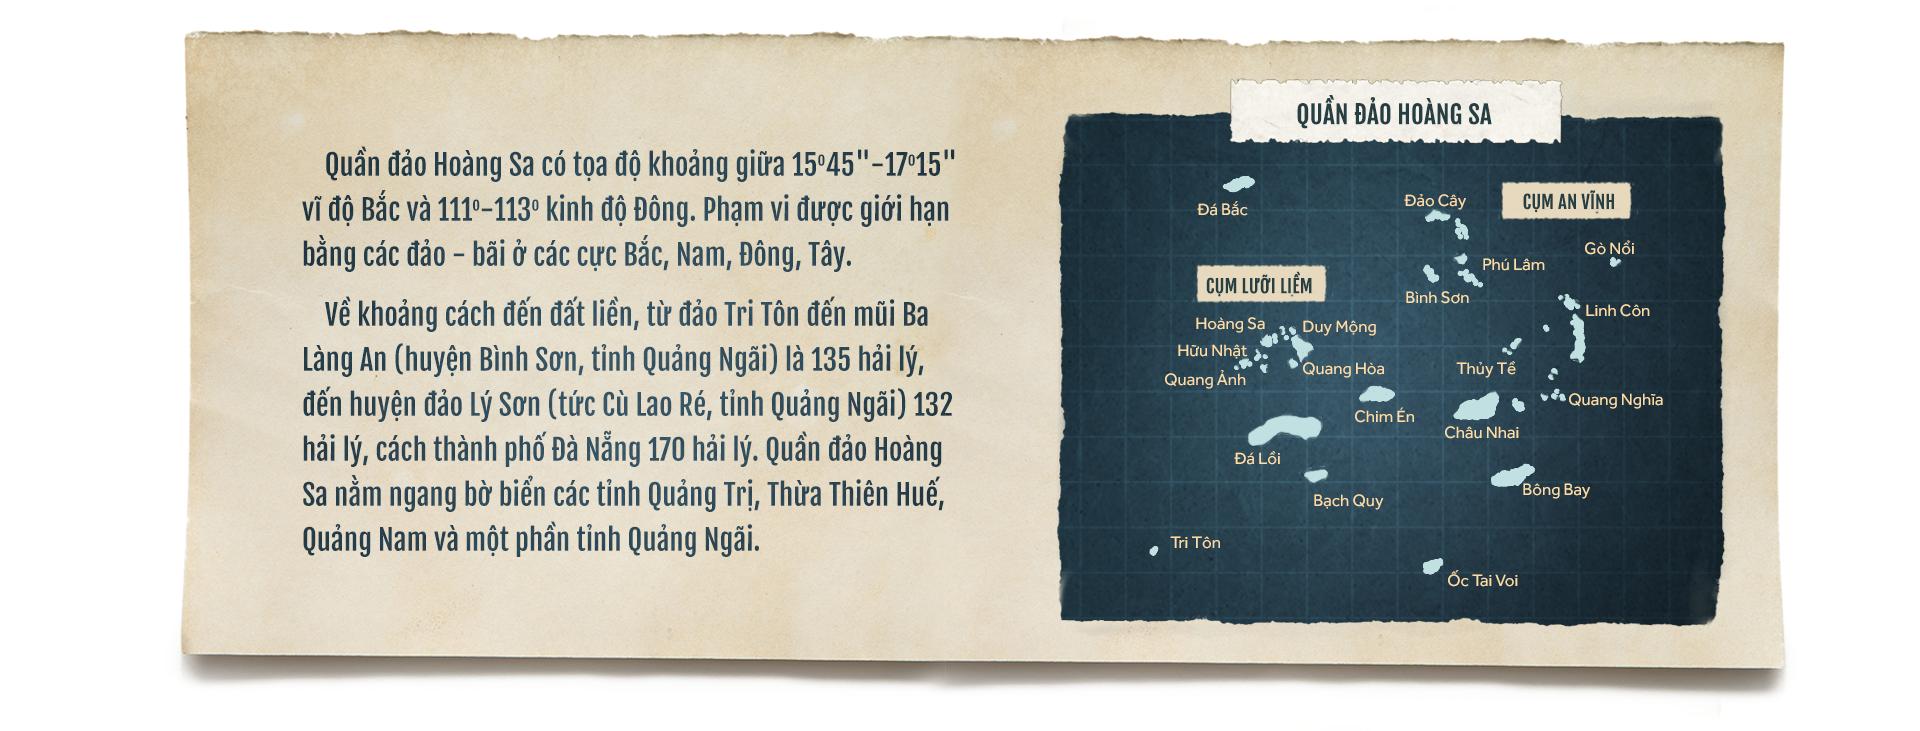 Hoàng Sa: Biển của ta, ta cứ giăng câu, thả lưới, dong thuyền - Ảnh 3.